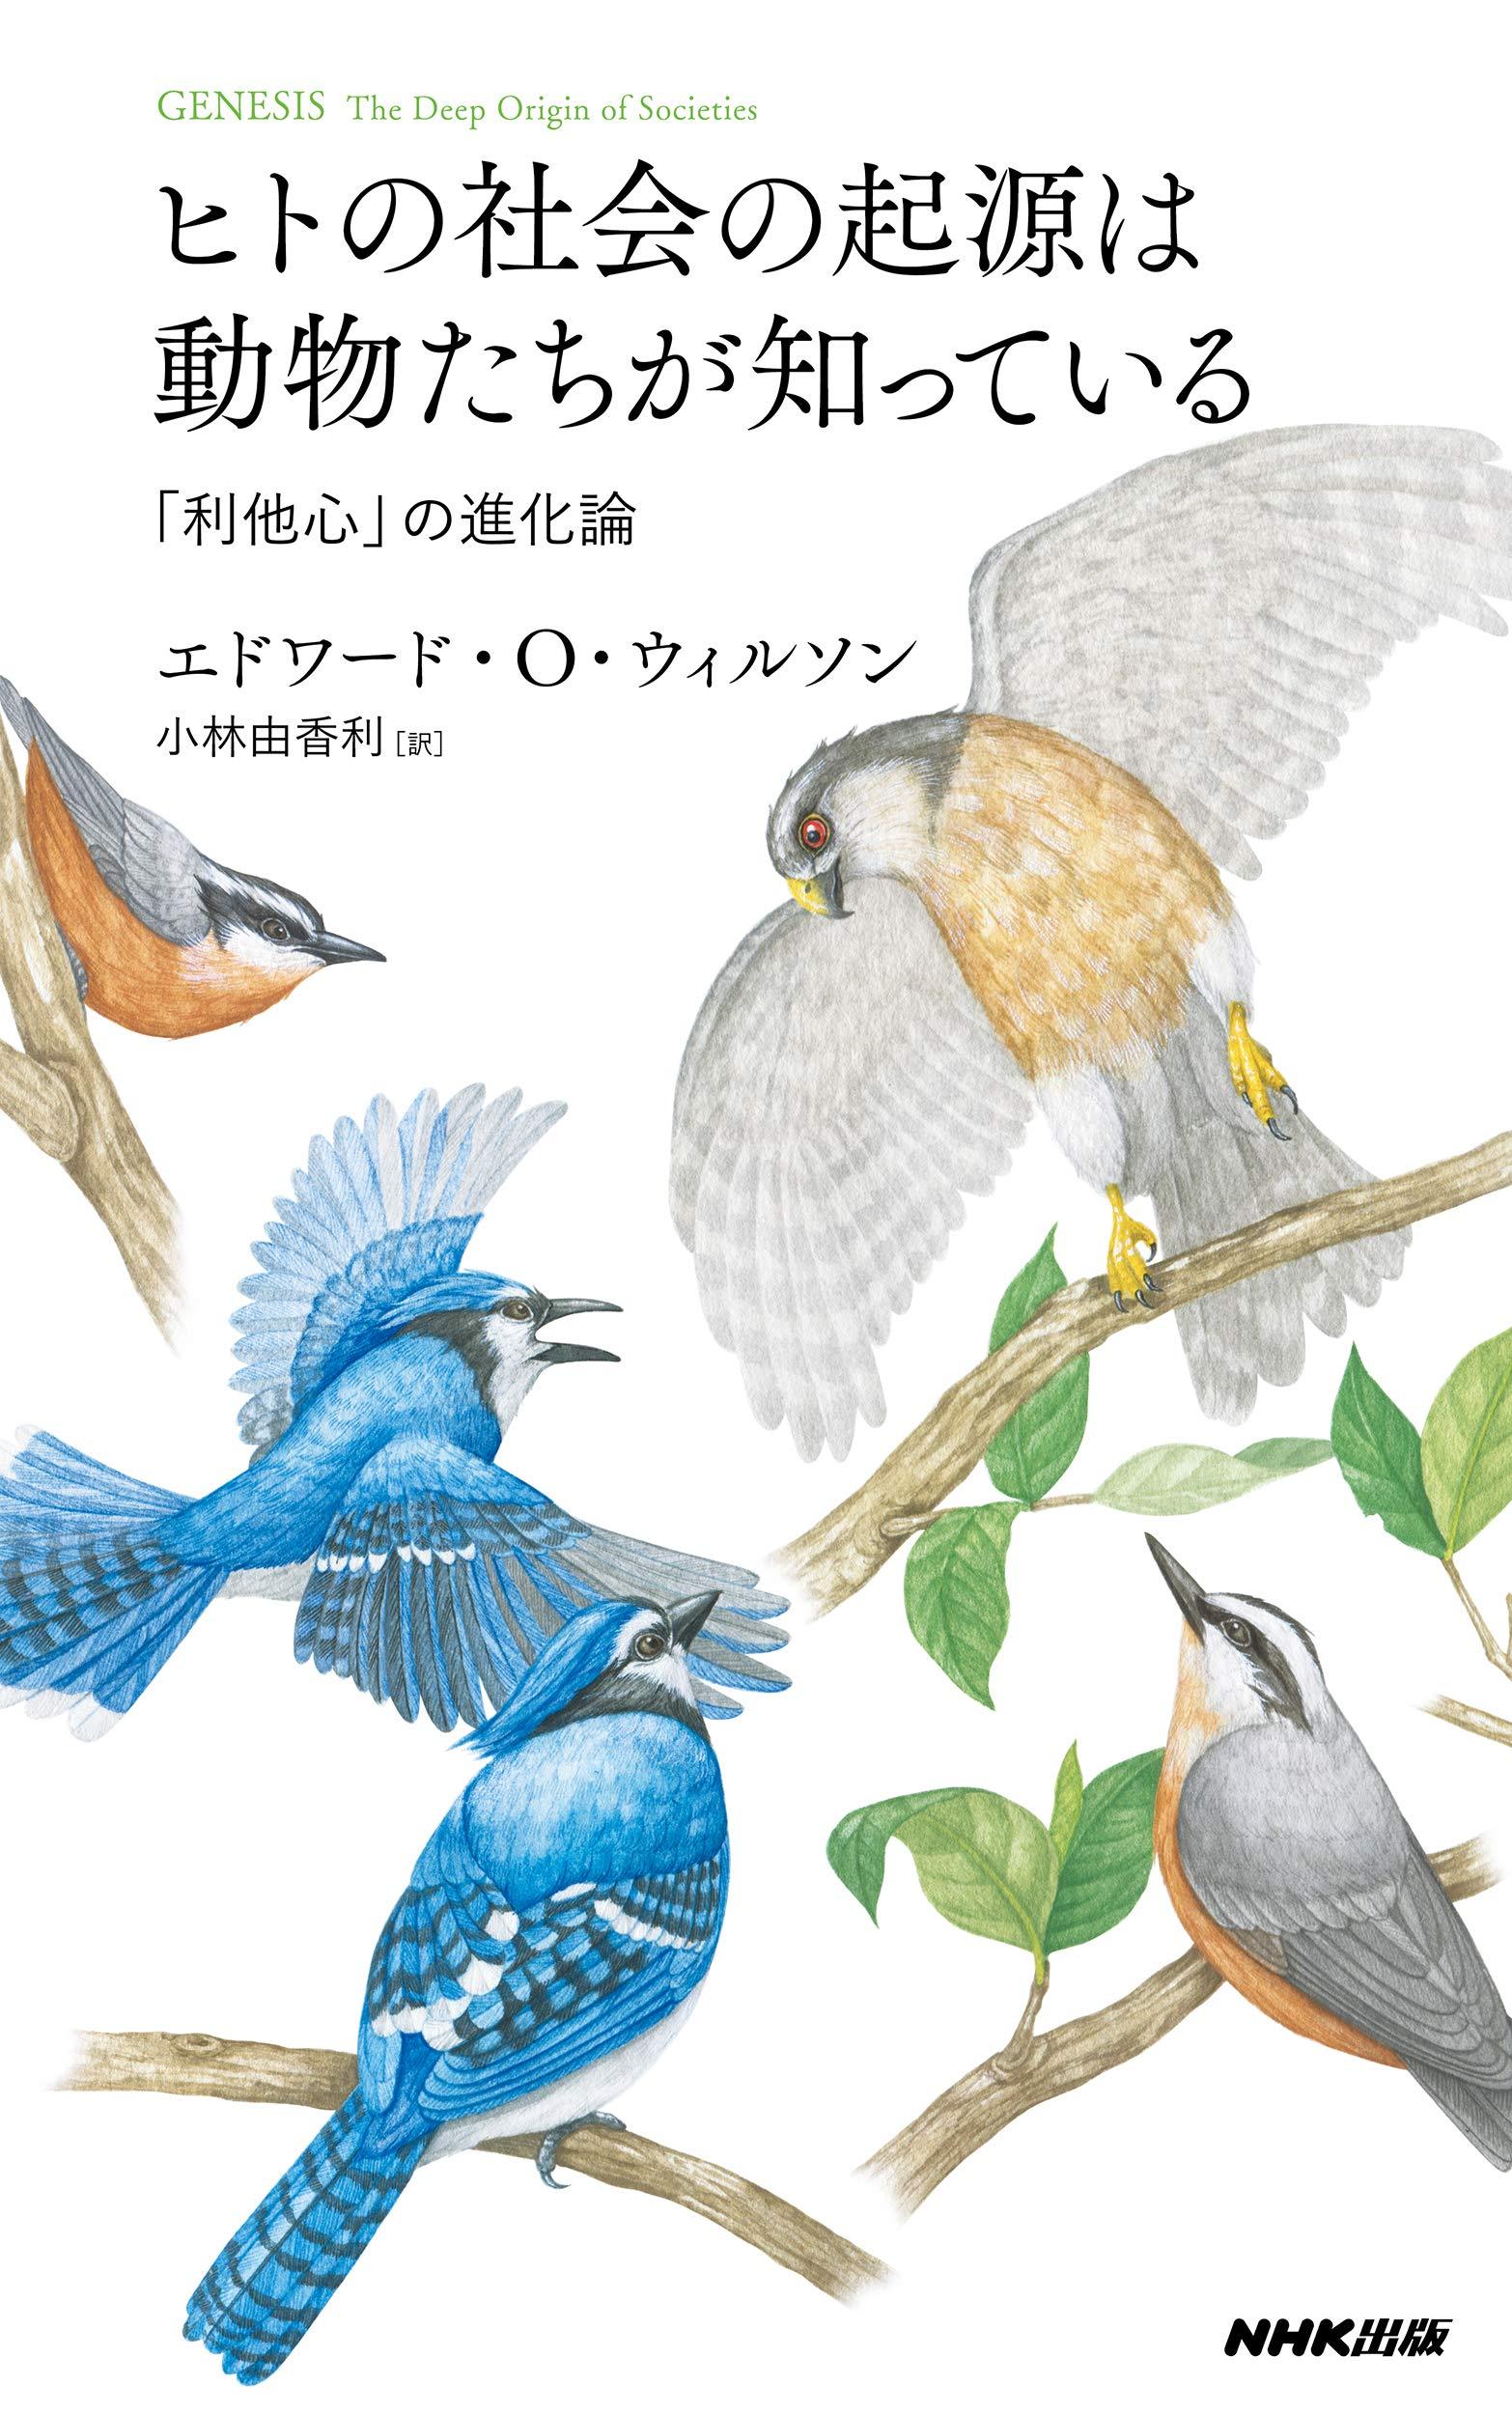 『ヒトの社会の起源は動物たちが知っている』